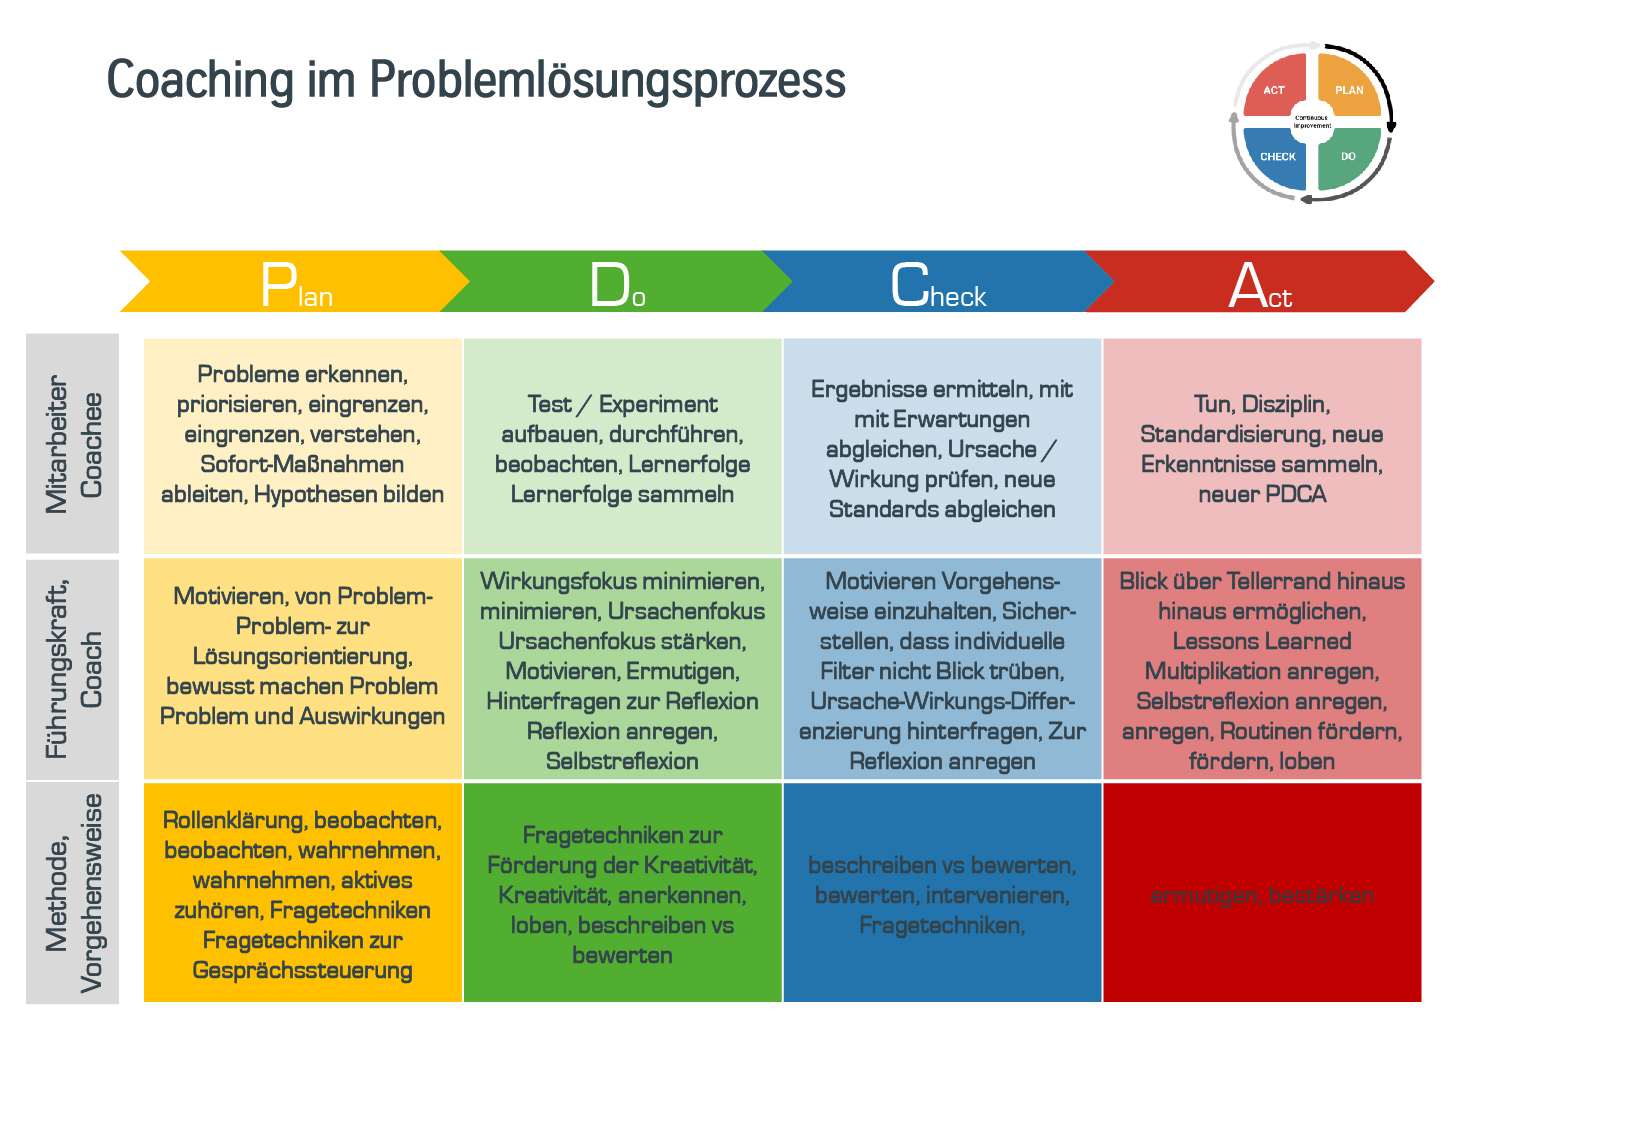 Der PDCA-Zyklus im Diagramm.